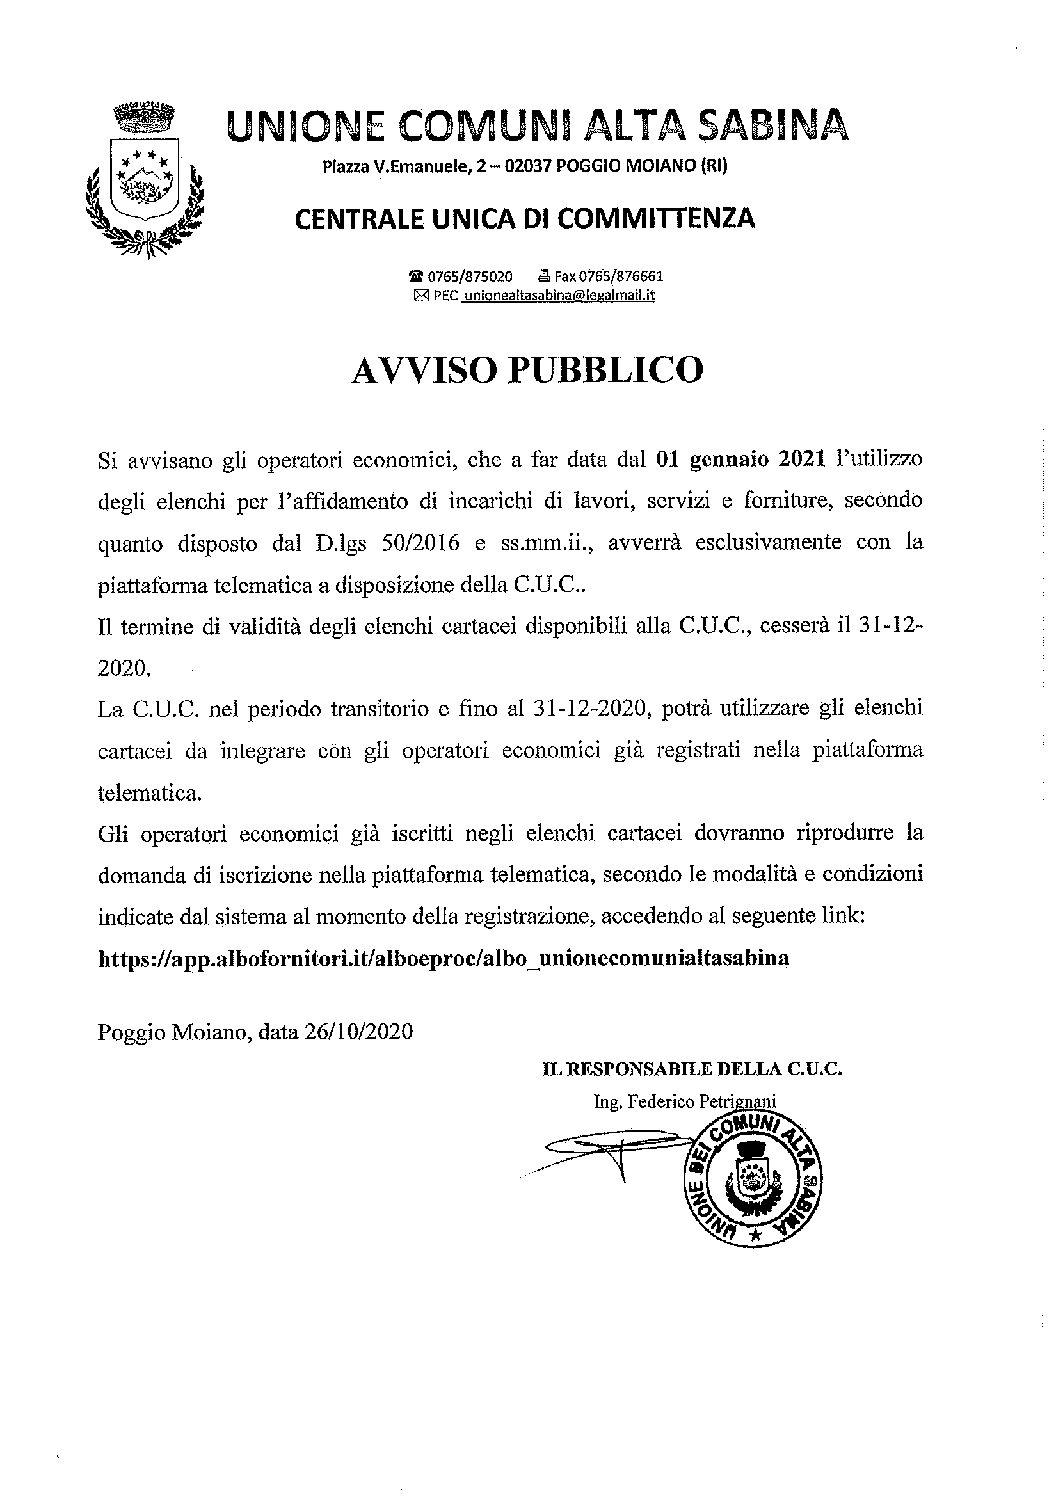 AVVISO CENTRALE UNICA DI COMMITTENZA